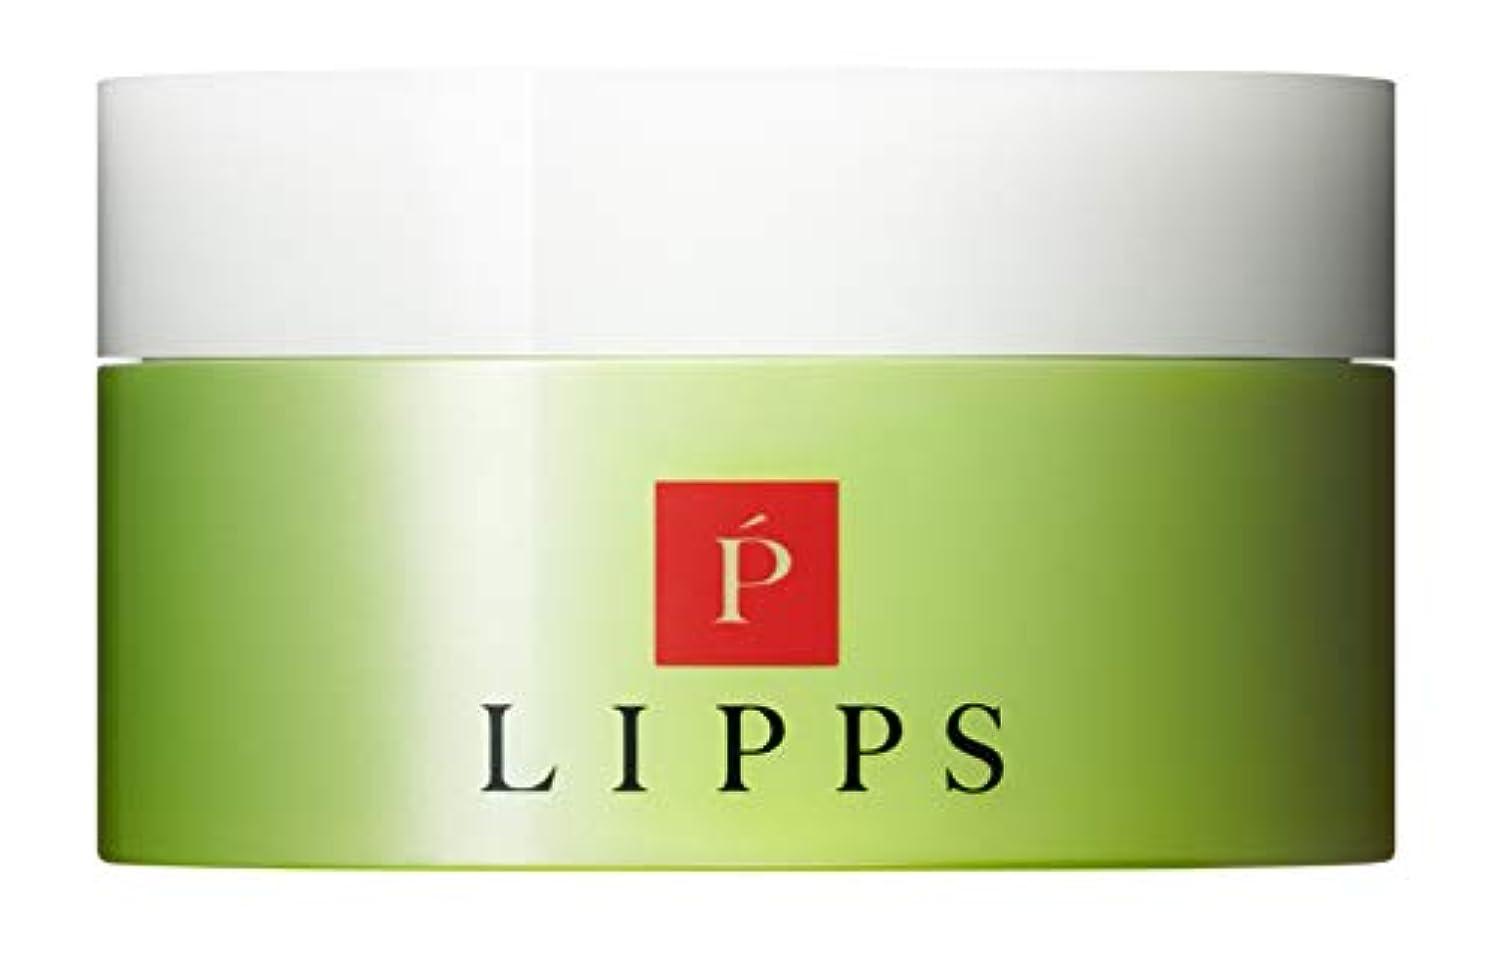 開発するレンチいつでも【エアリー×自然な束感】LIPPS L11ライトムーブワックス (85g)